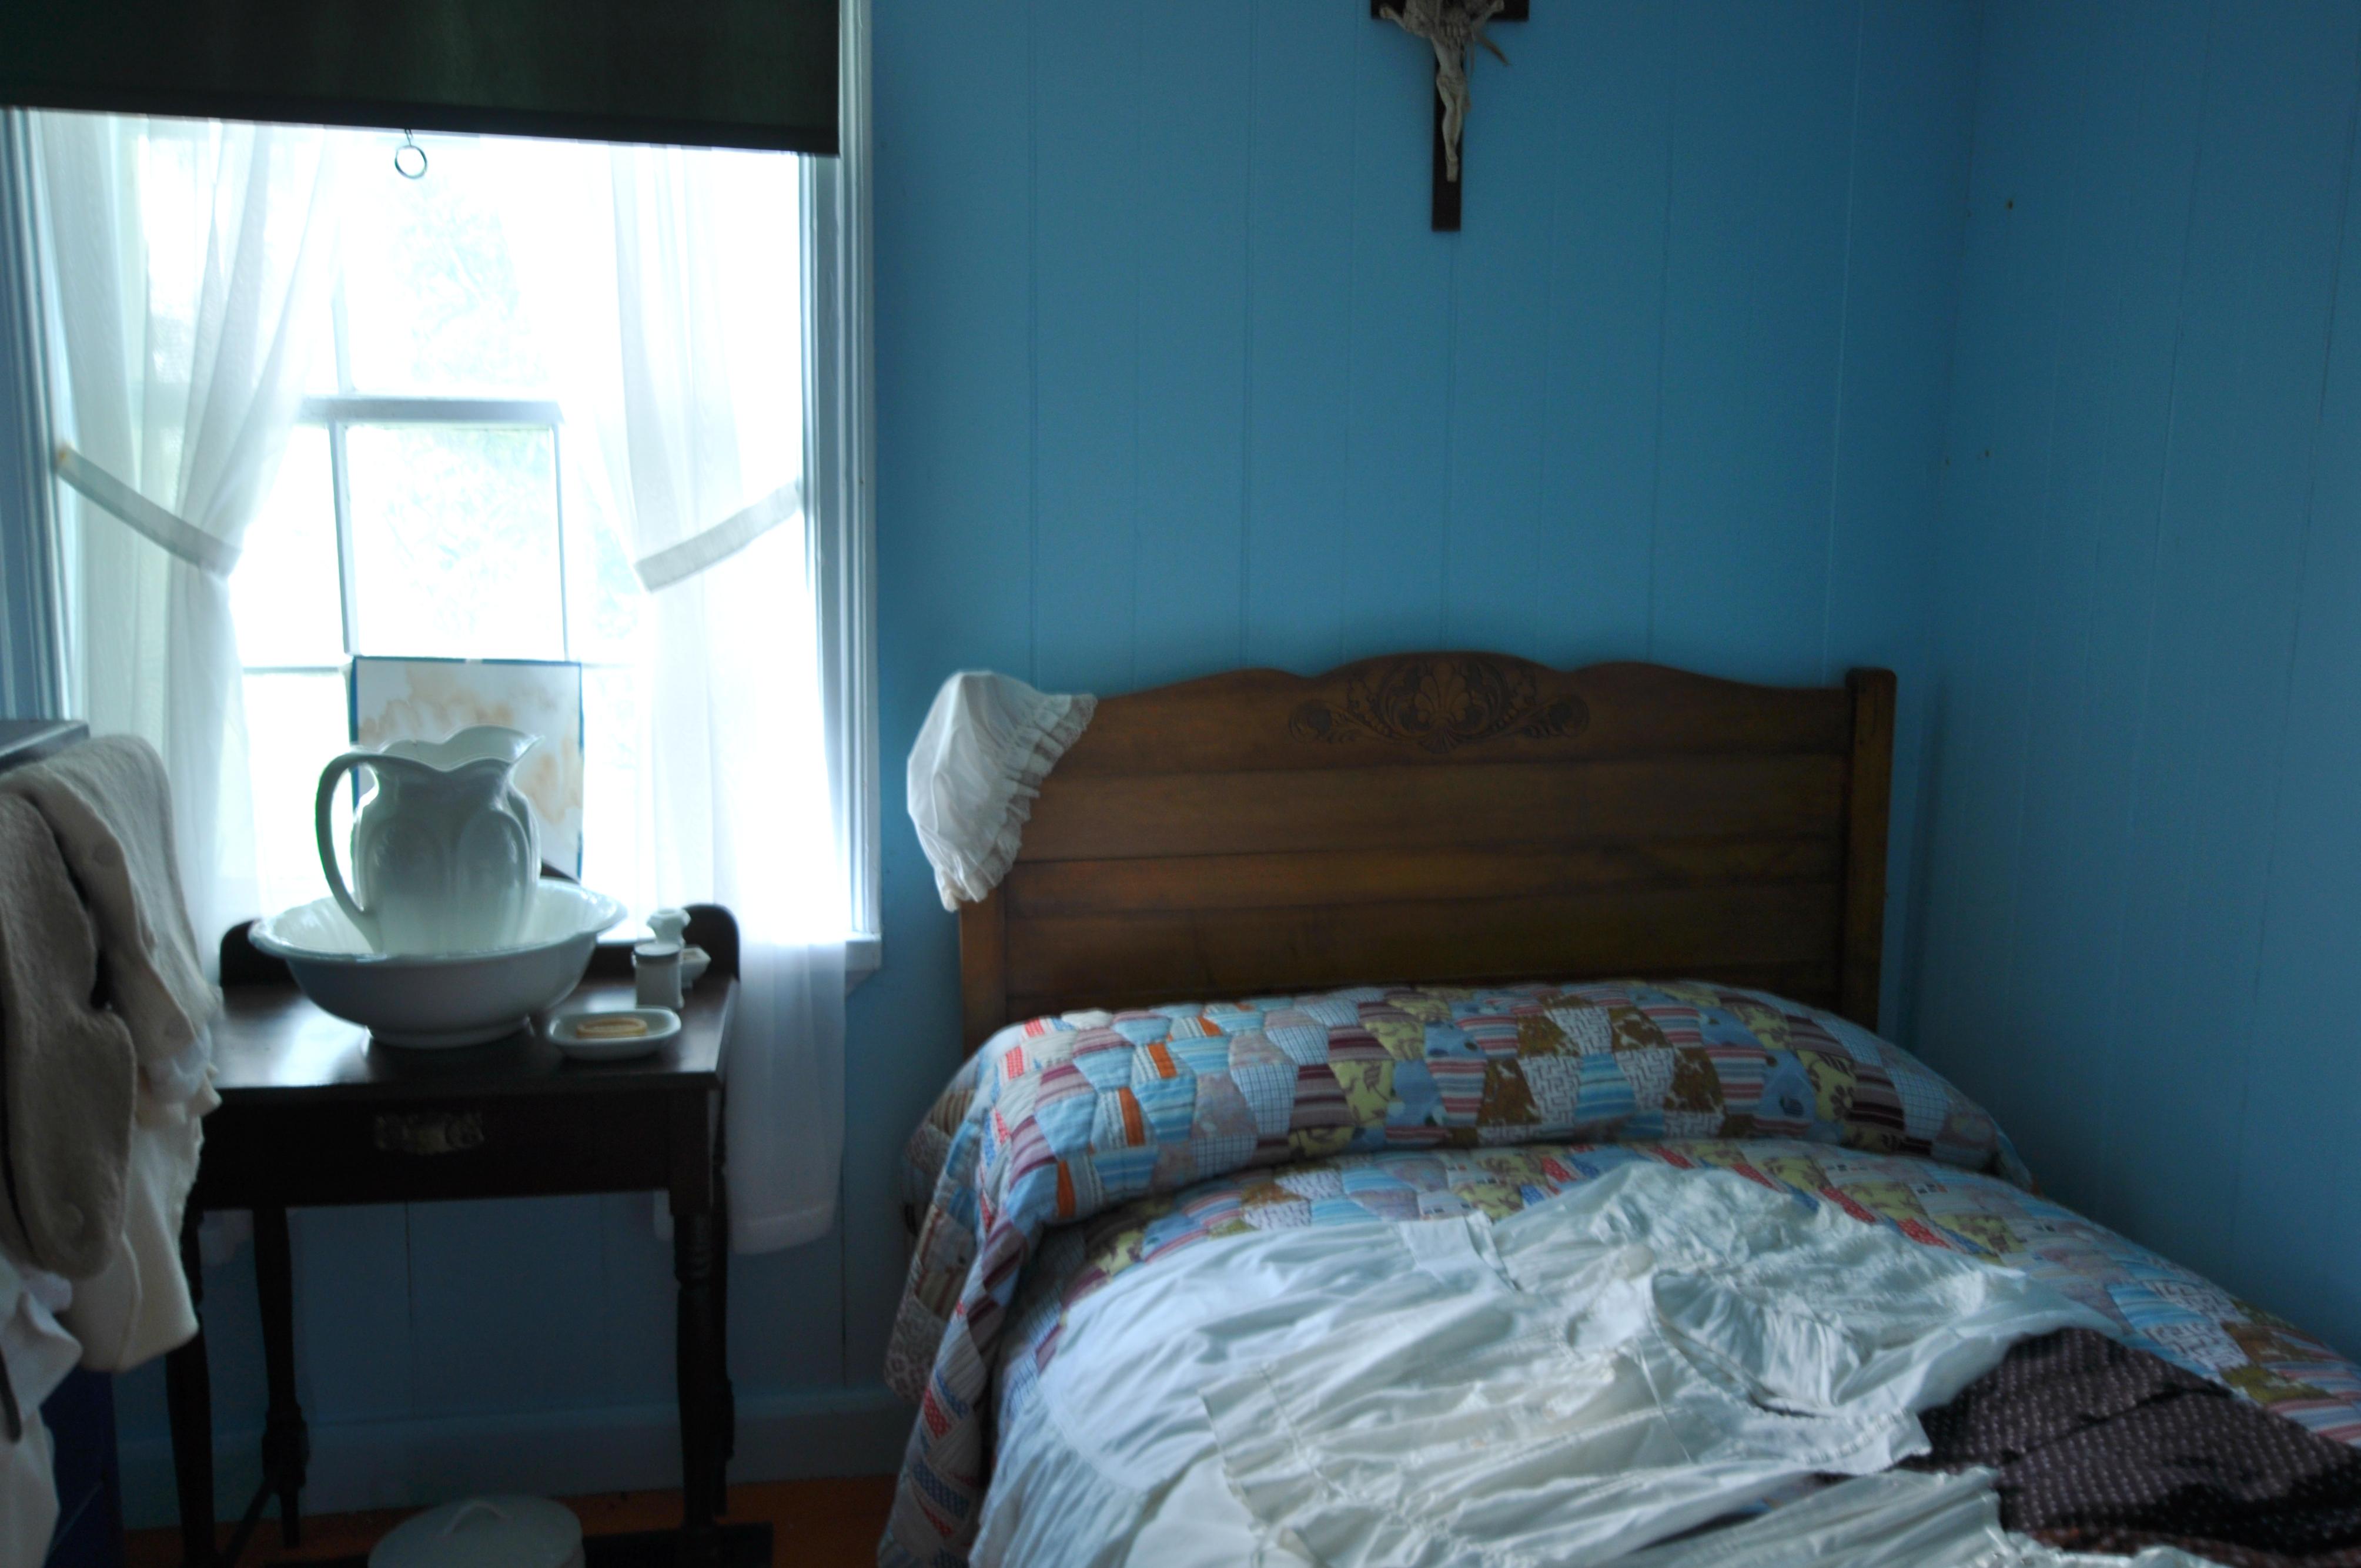 Decoration Simple Chambre Fille : FichierChambre à Coucher Maison Blanchette Parc Forillonjpg